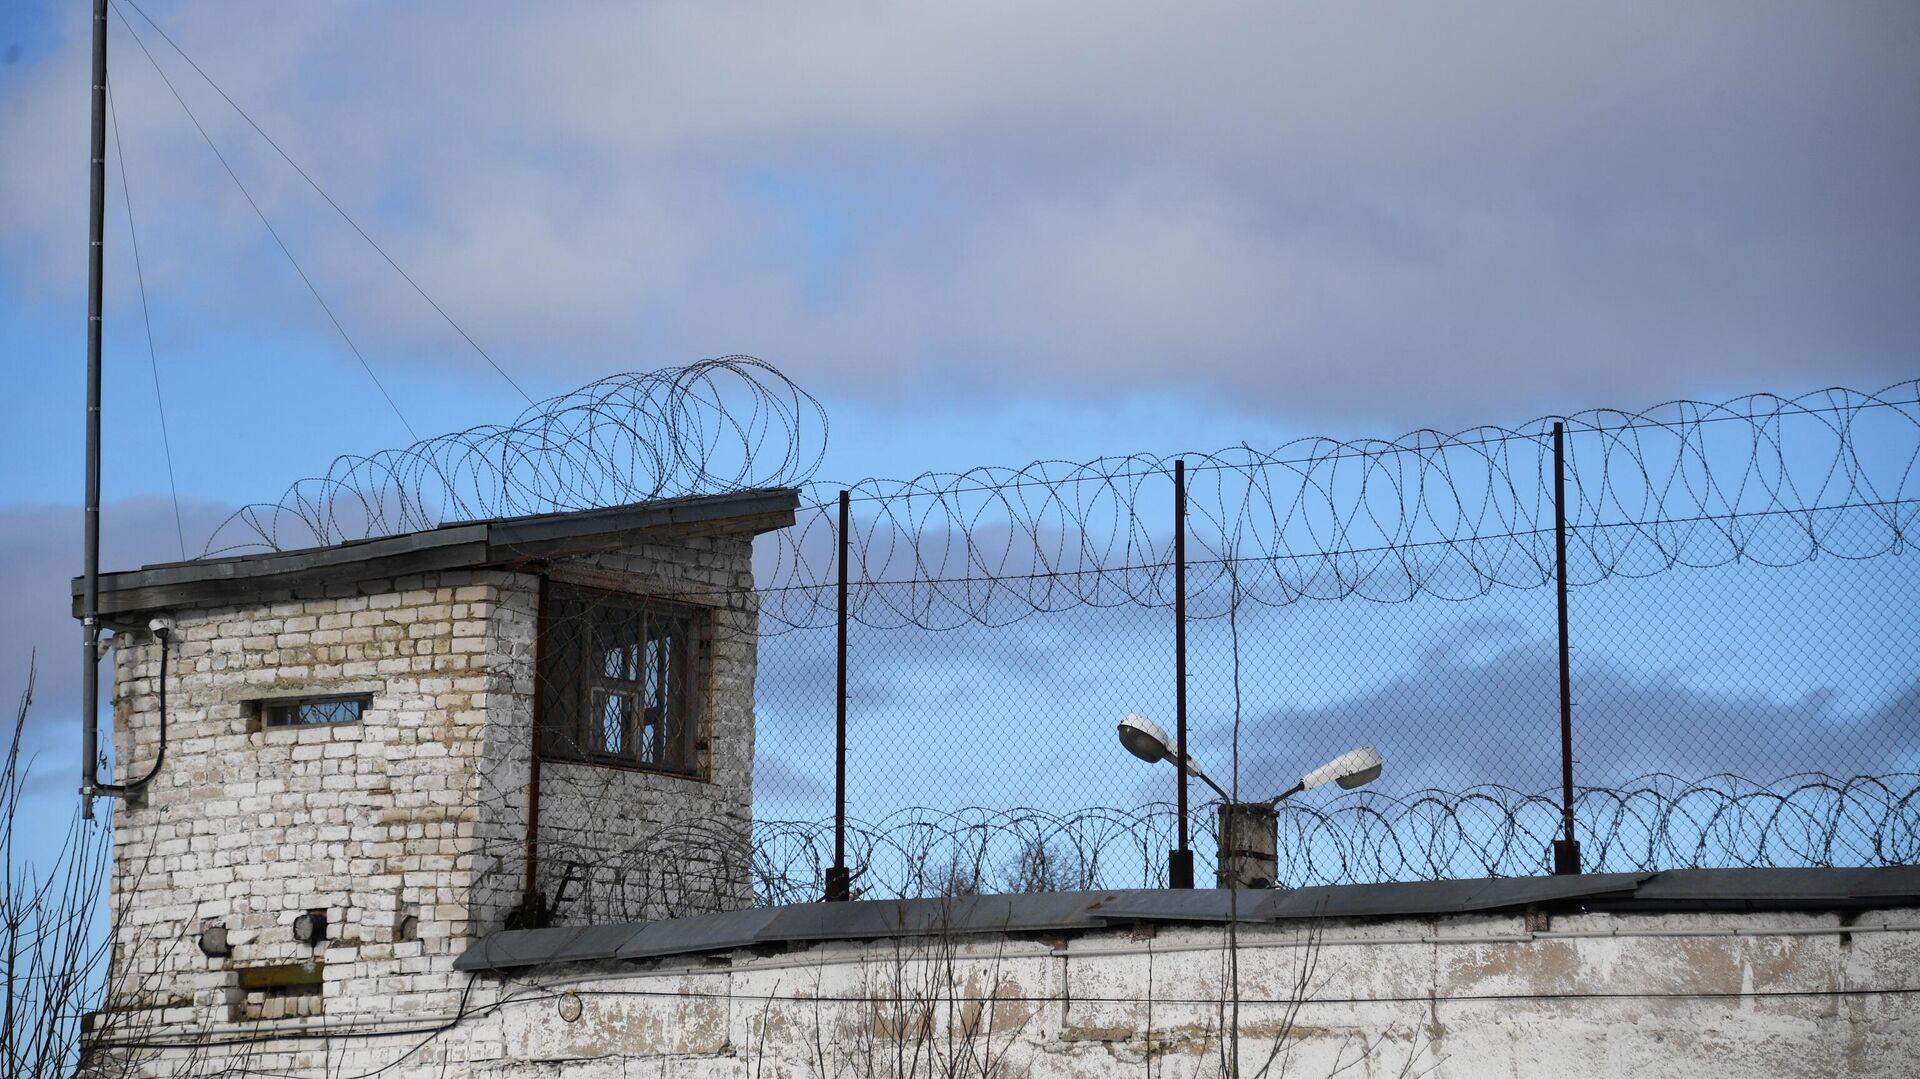 Сотрудники ФСИН смогут выносить предостережения заключенным